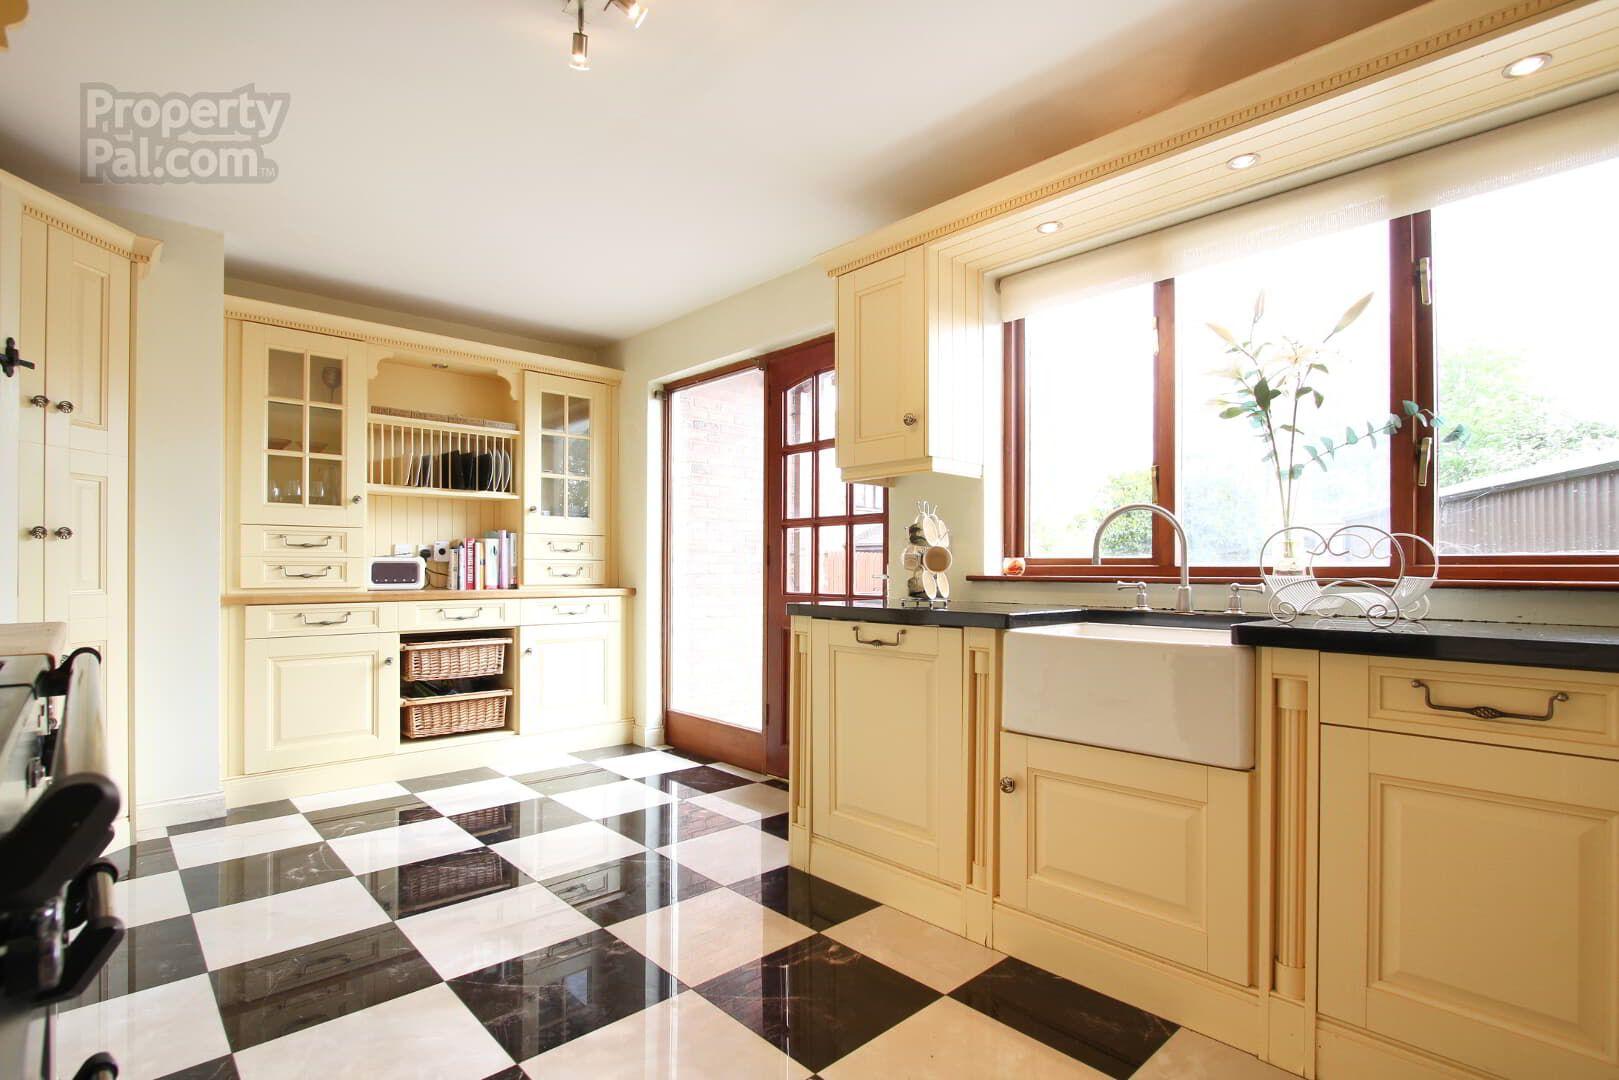 34 Upper Toberhewny Lane, Lurgan Kitchens Kitchen